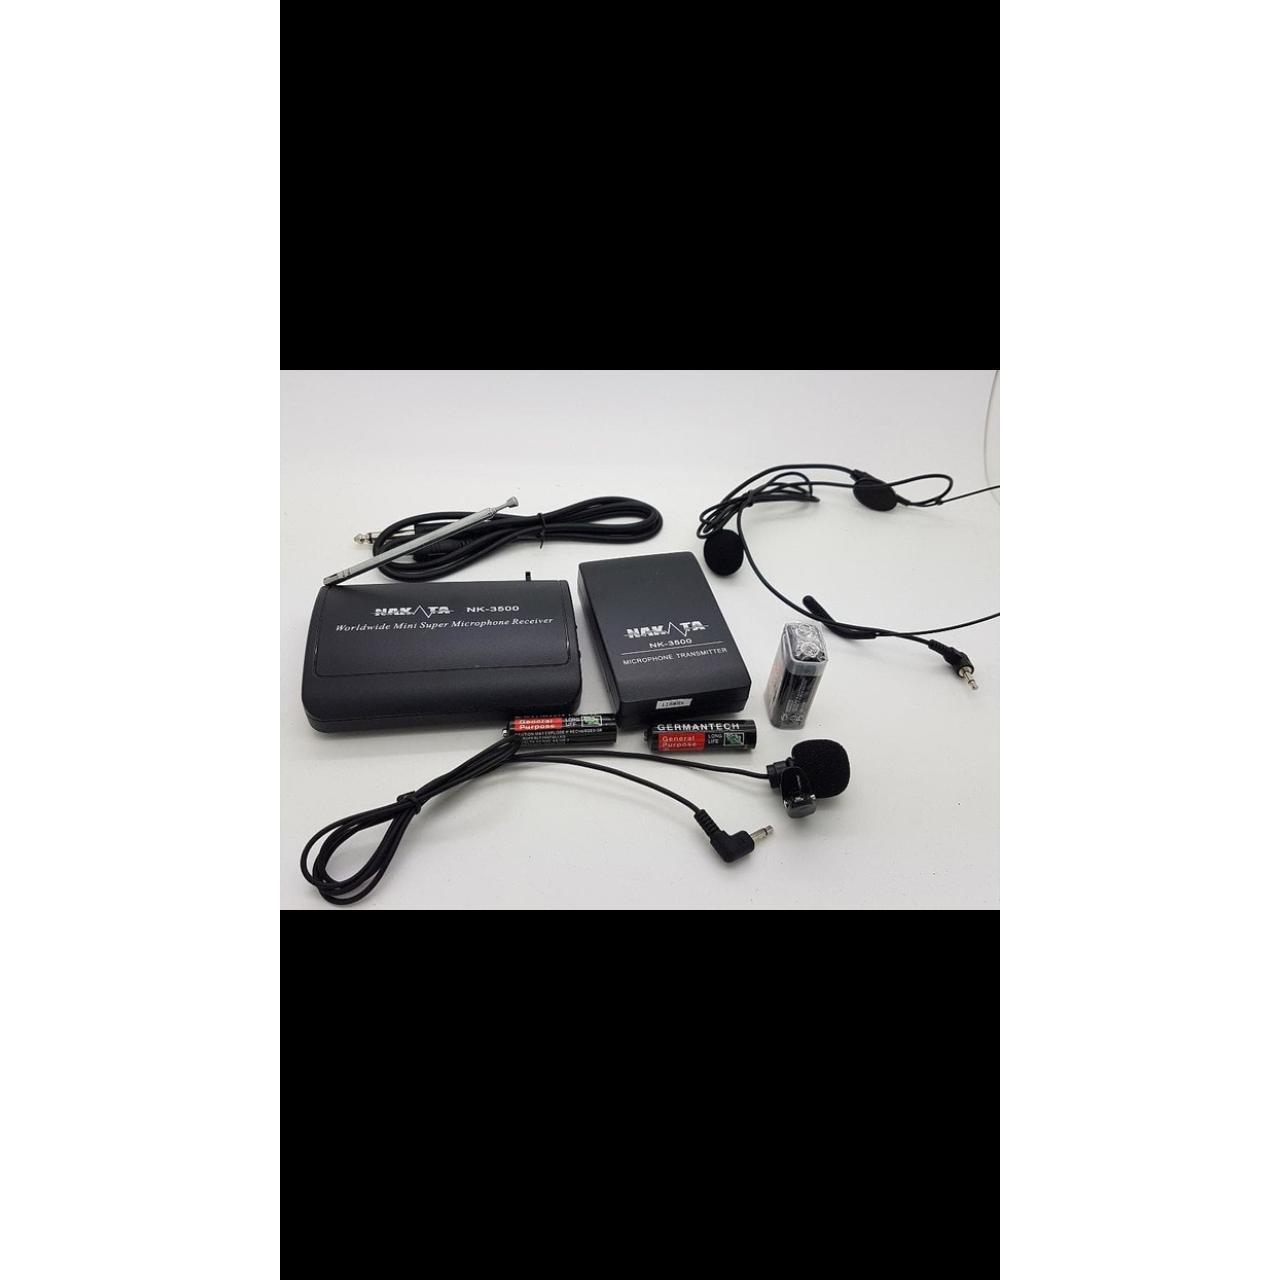 Jual Original Mic Microphone Murah Garansi Dan Berkualitas Id Store Microfon Homic Hm 138 Sistem Kabel Rp 325000